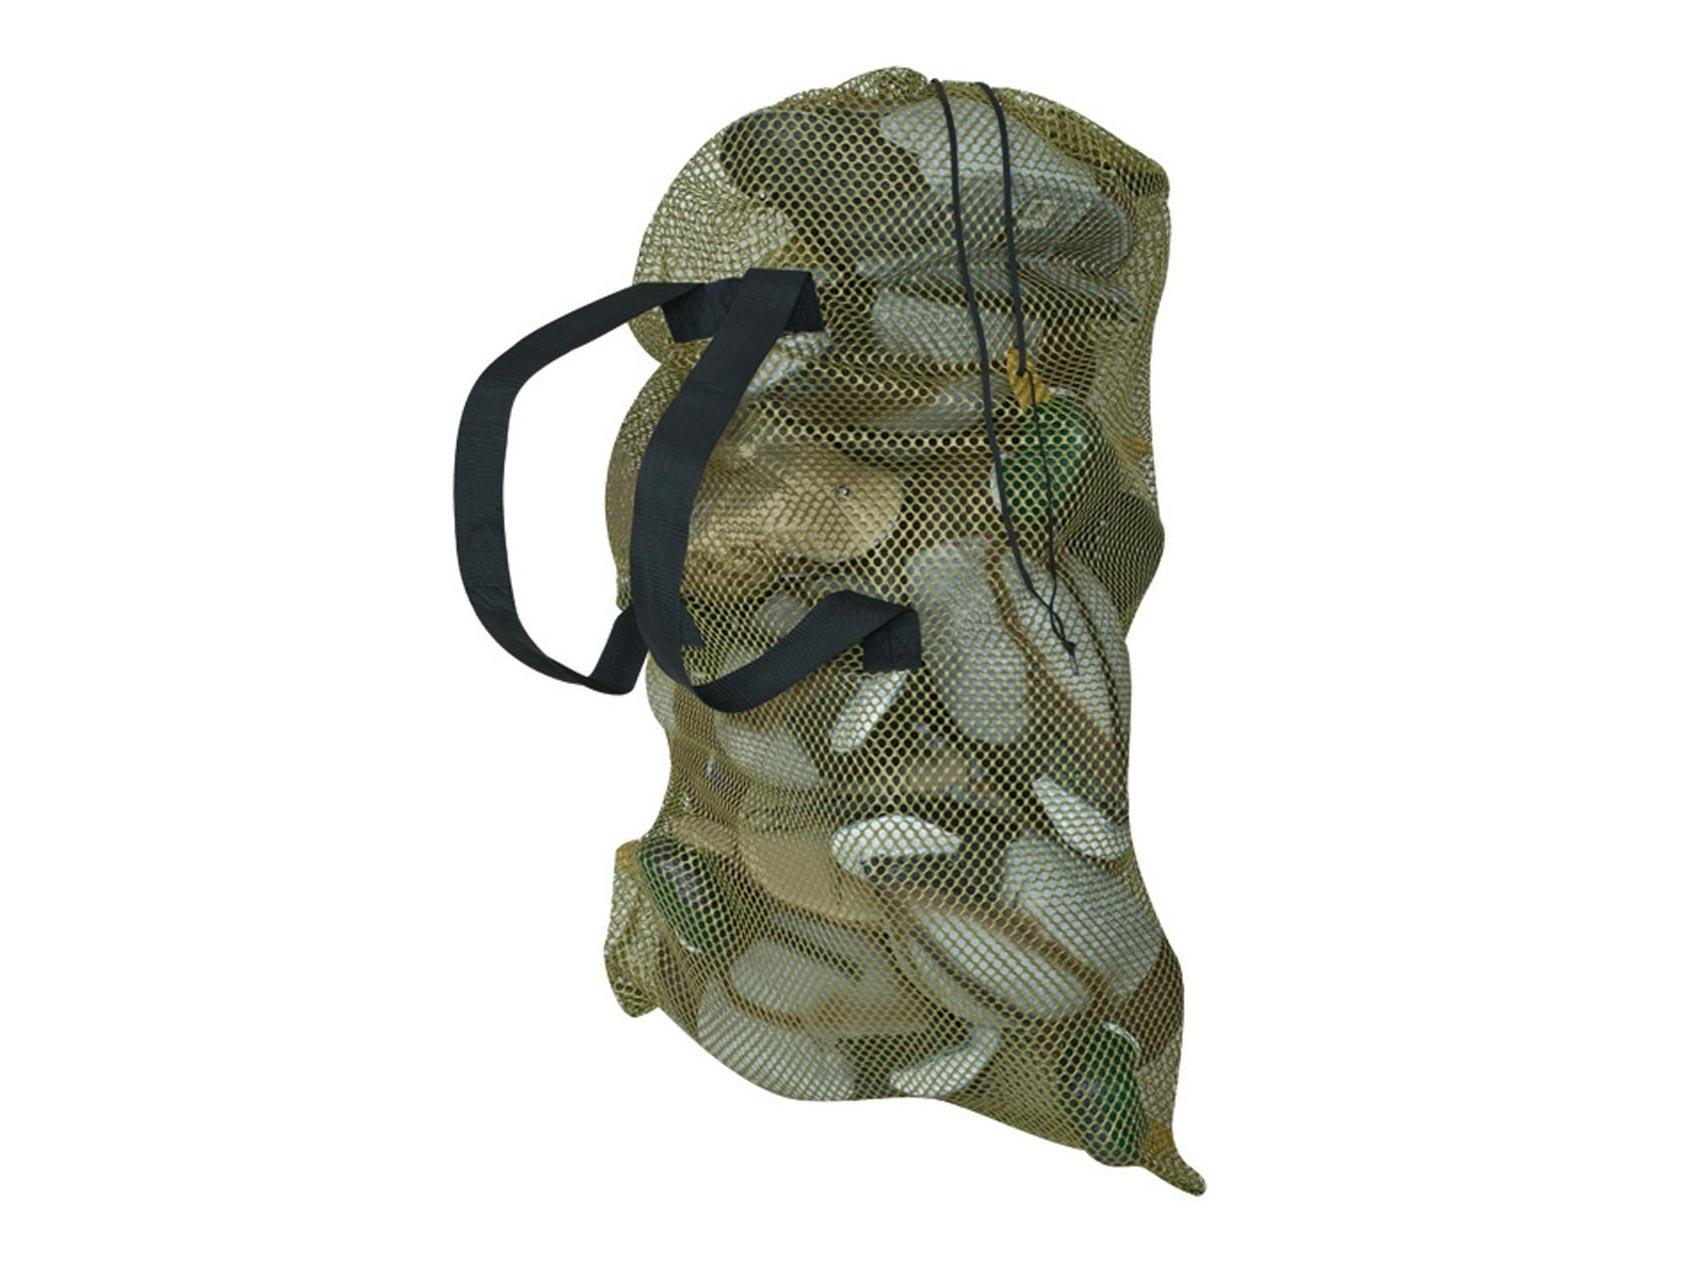 Duck decoy carrying bag